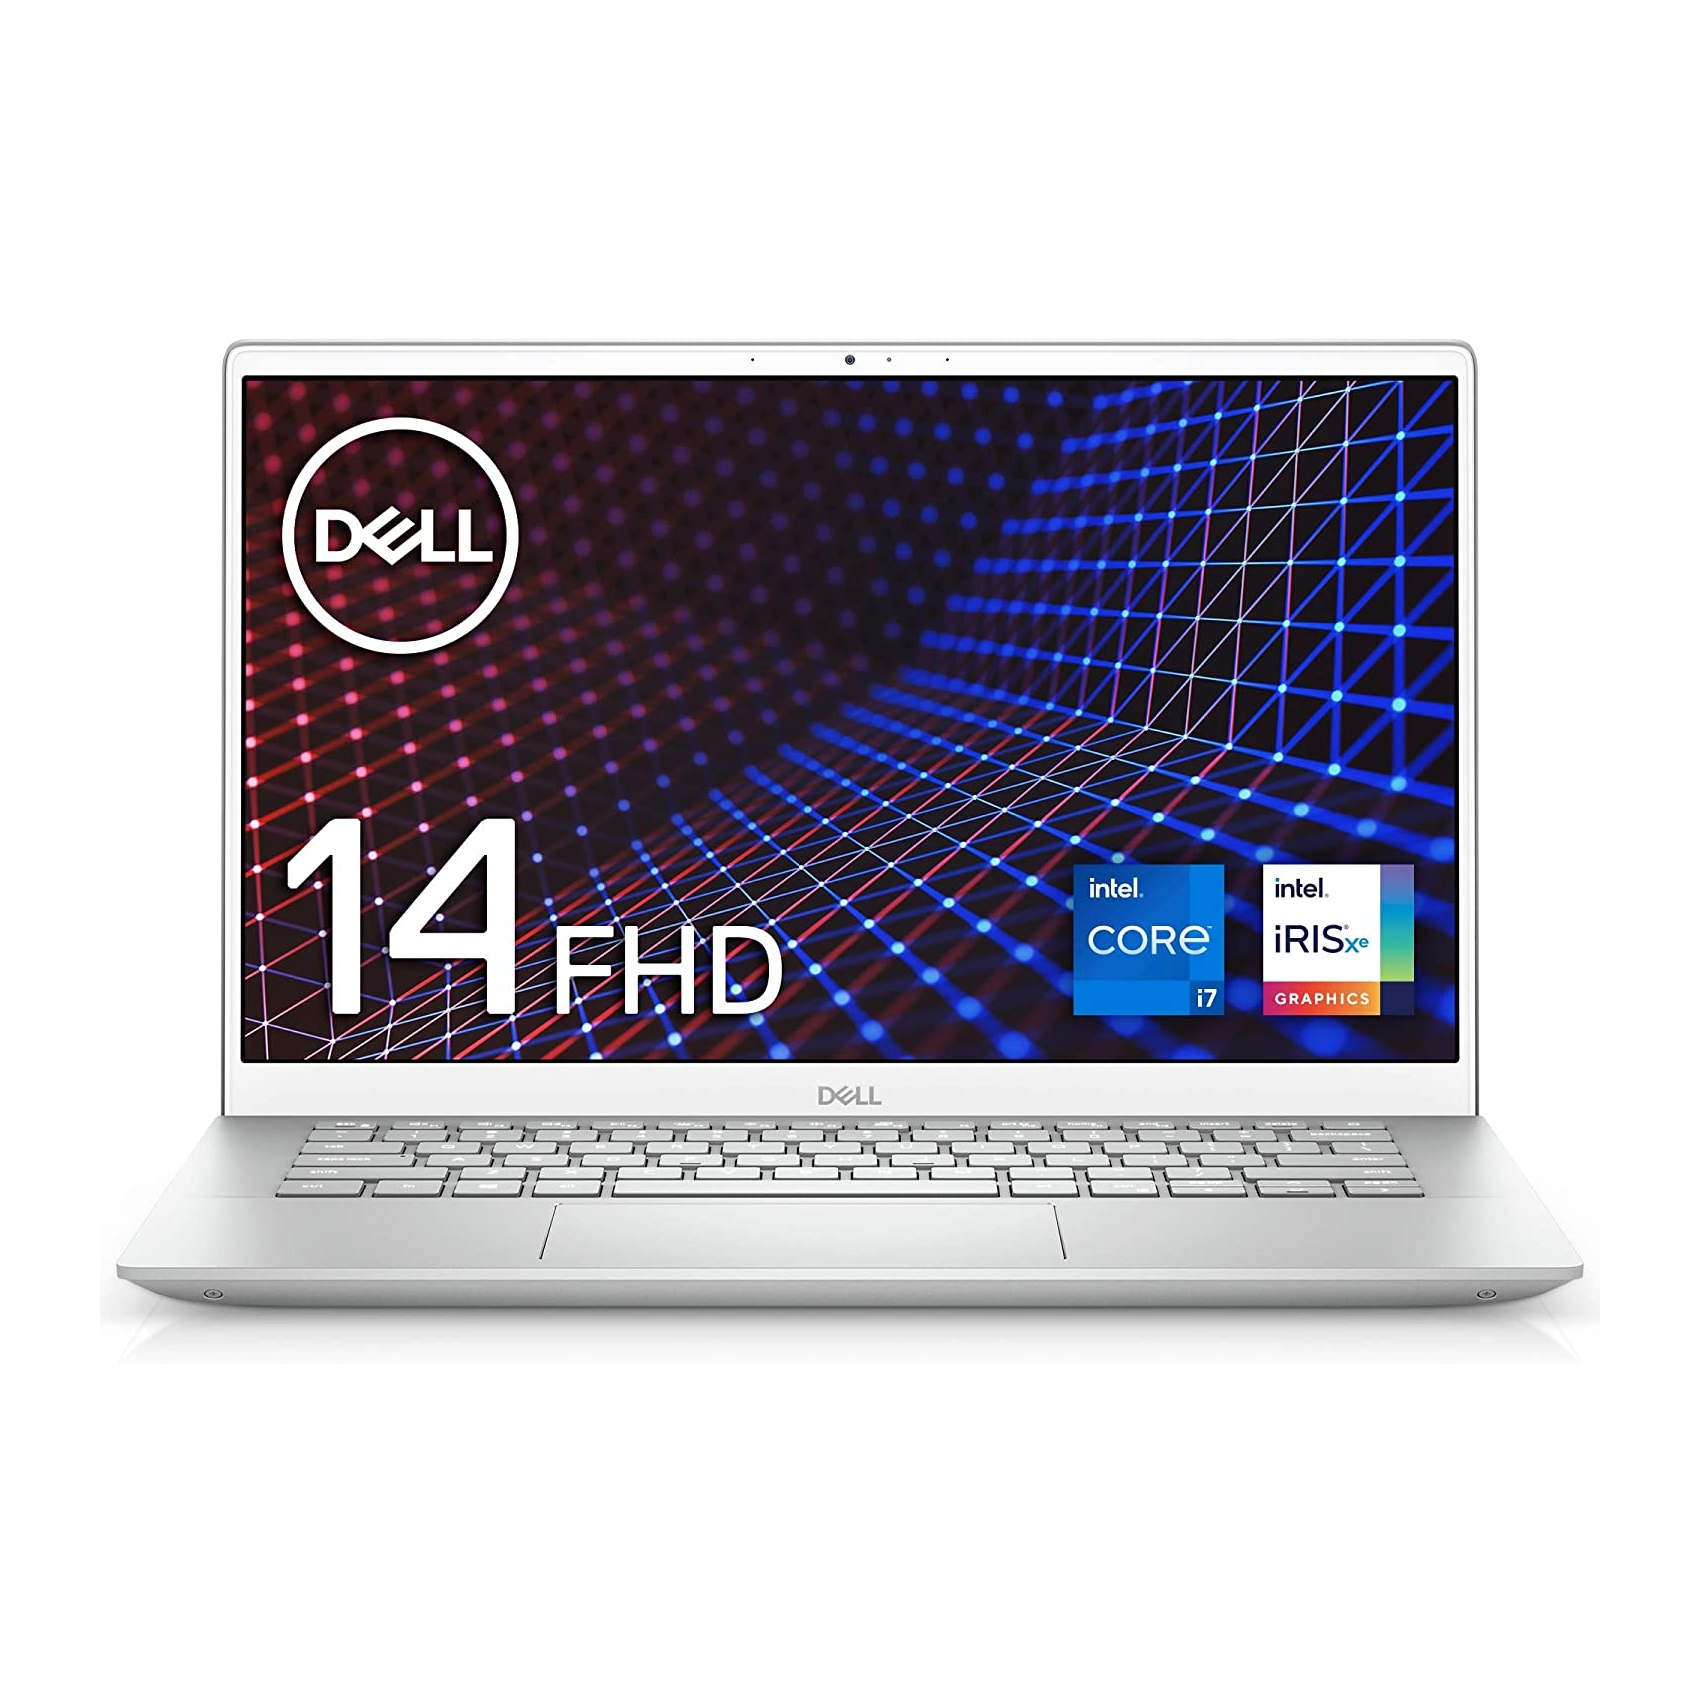 ハイスペックPCがずらり! 「10万円以上のノートパソコン」Amazon人気ランキングTOP10!【Dell Inspiron 14やMacbook Airなど】(3/9 14:33) | ねとらぼ調査隊